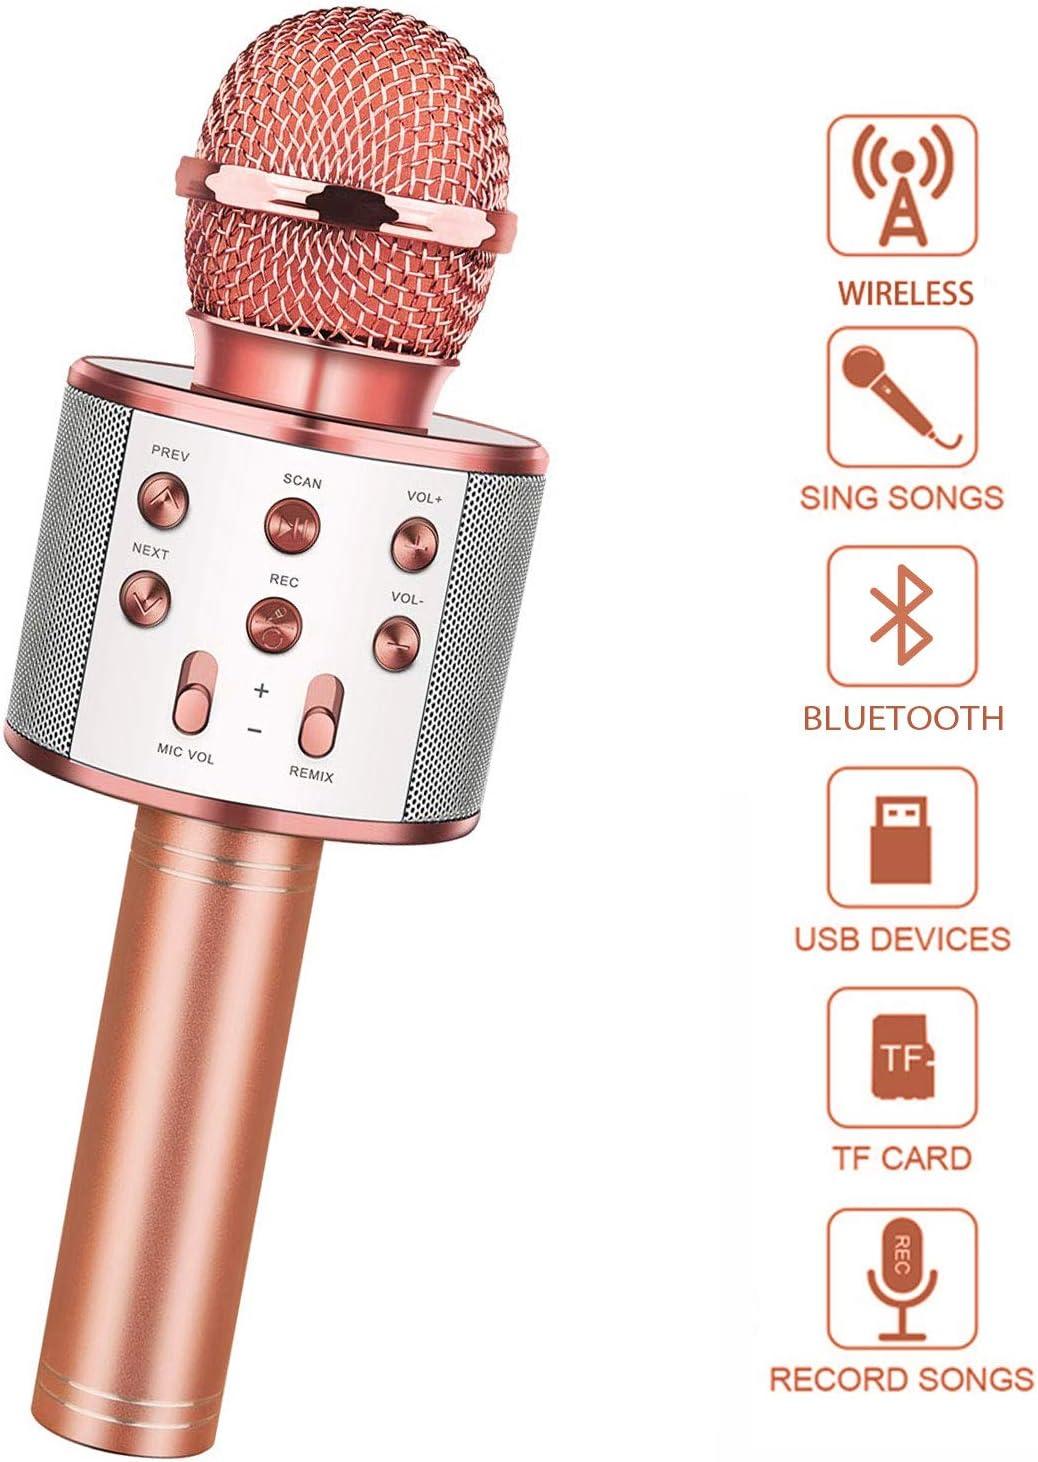 LetsGO toyz Fiesta De Micrófono Inalámbrico Bluetooth Karaoke para Niños - Regalos para Niñas Canta Partido Musica